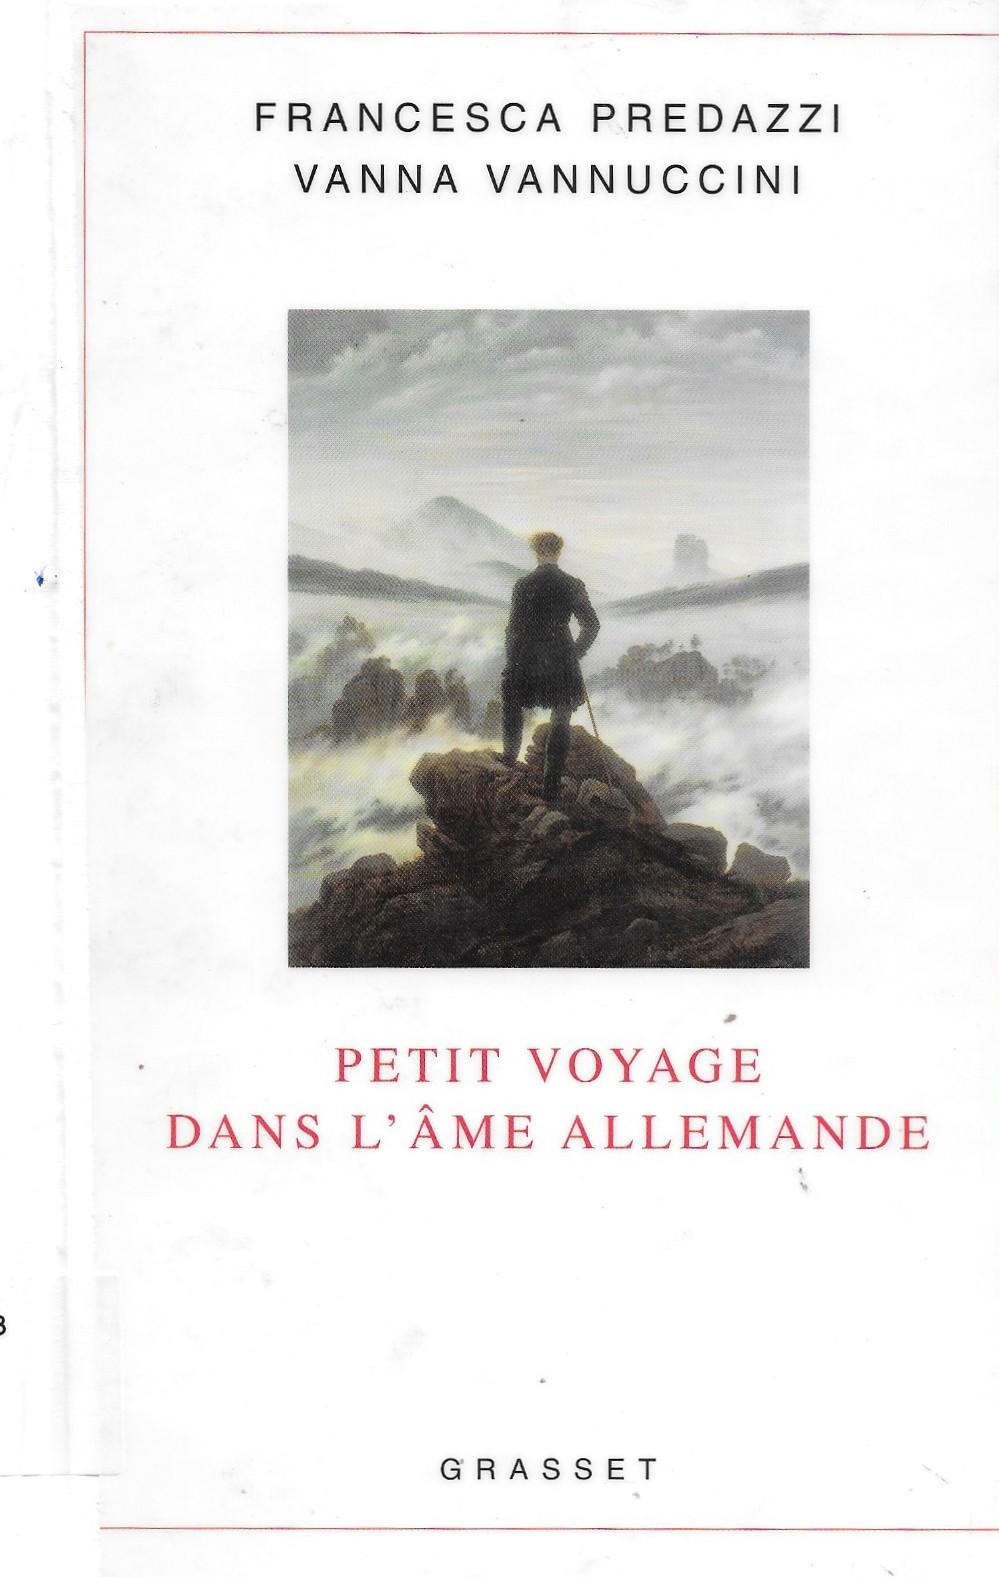 Francesca Predazzi et Vanna Vannuccini, Petit voyage dans l'âme allemande, 2007, couverture